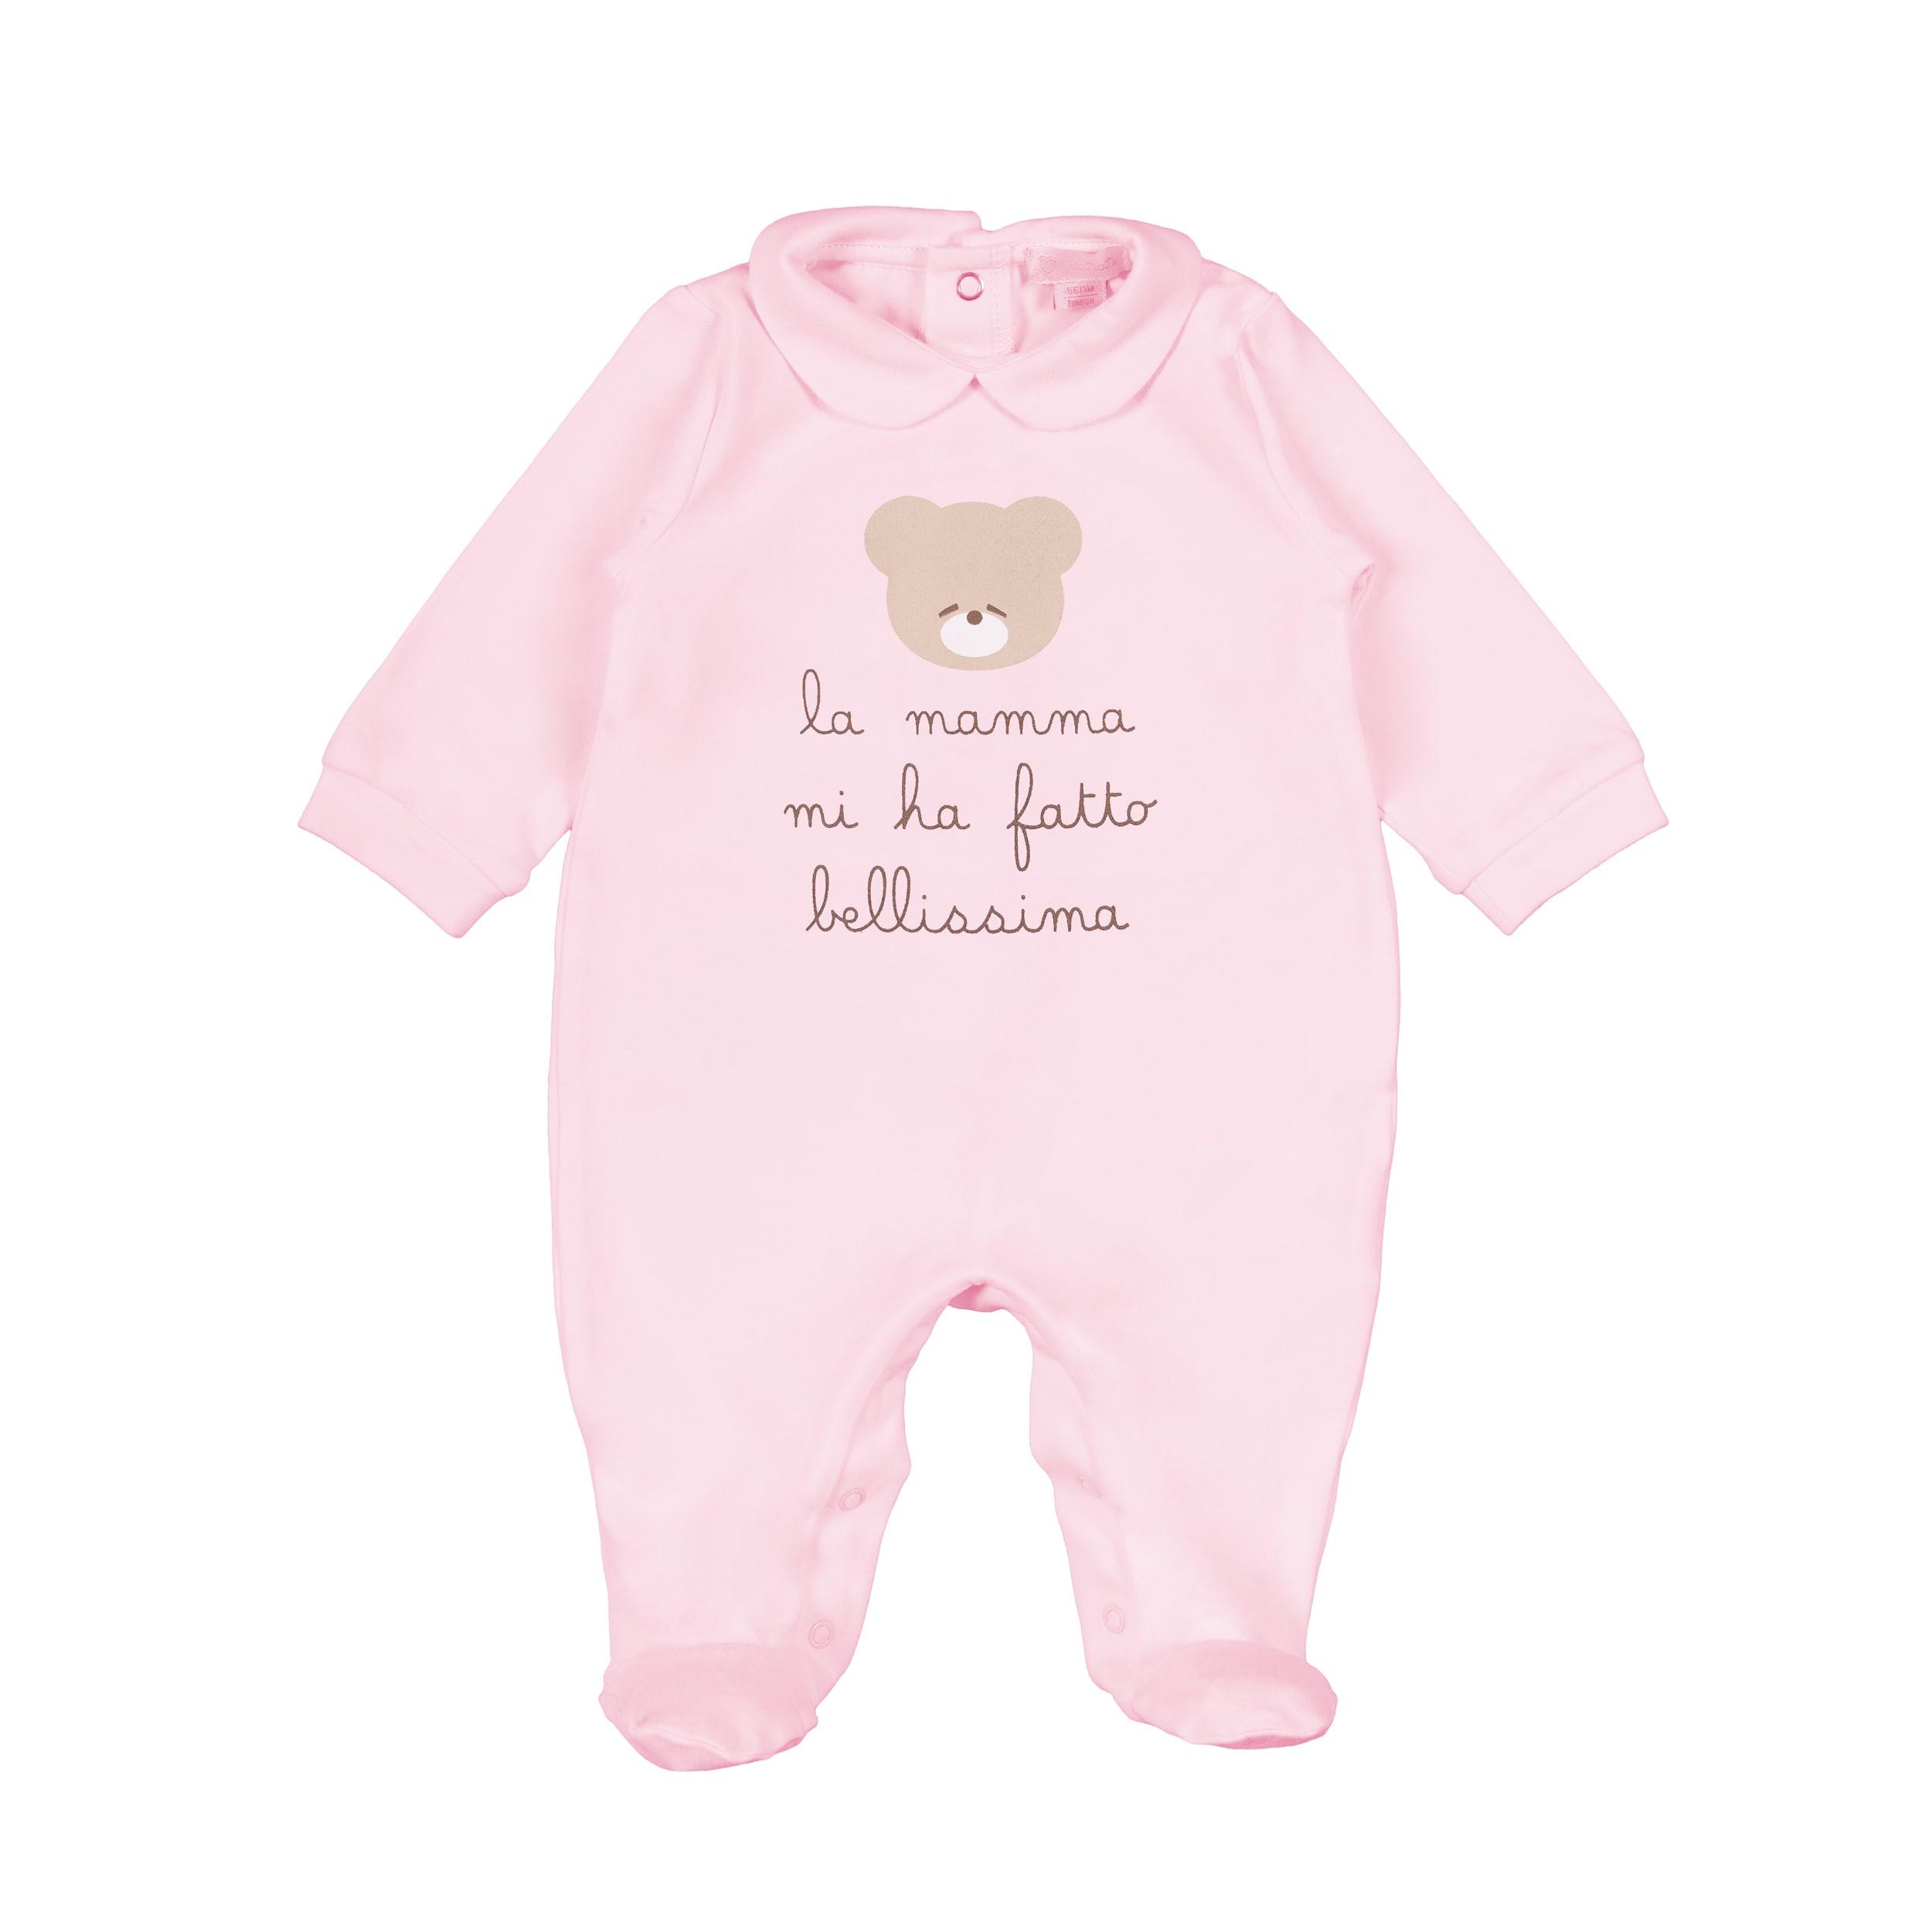 Pyjama - La Mamma mi ha fatto bellissima - 3M